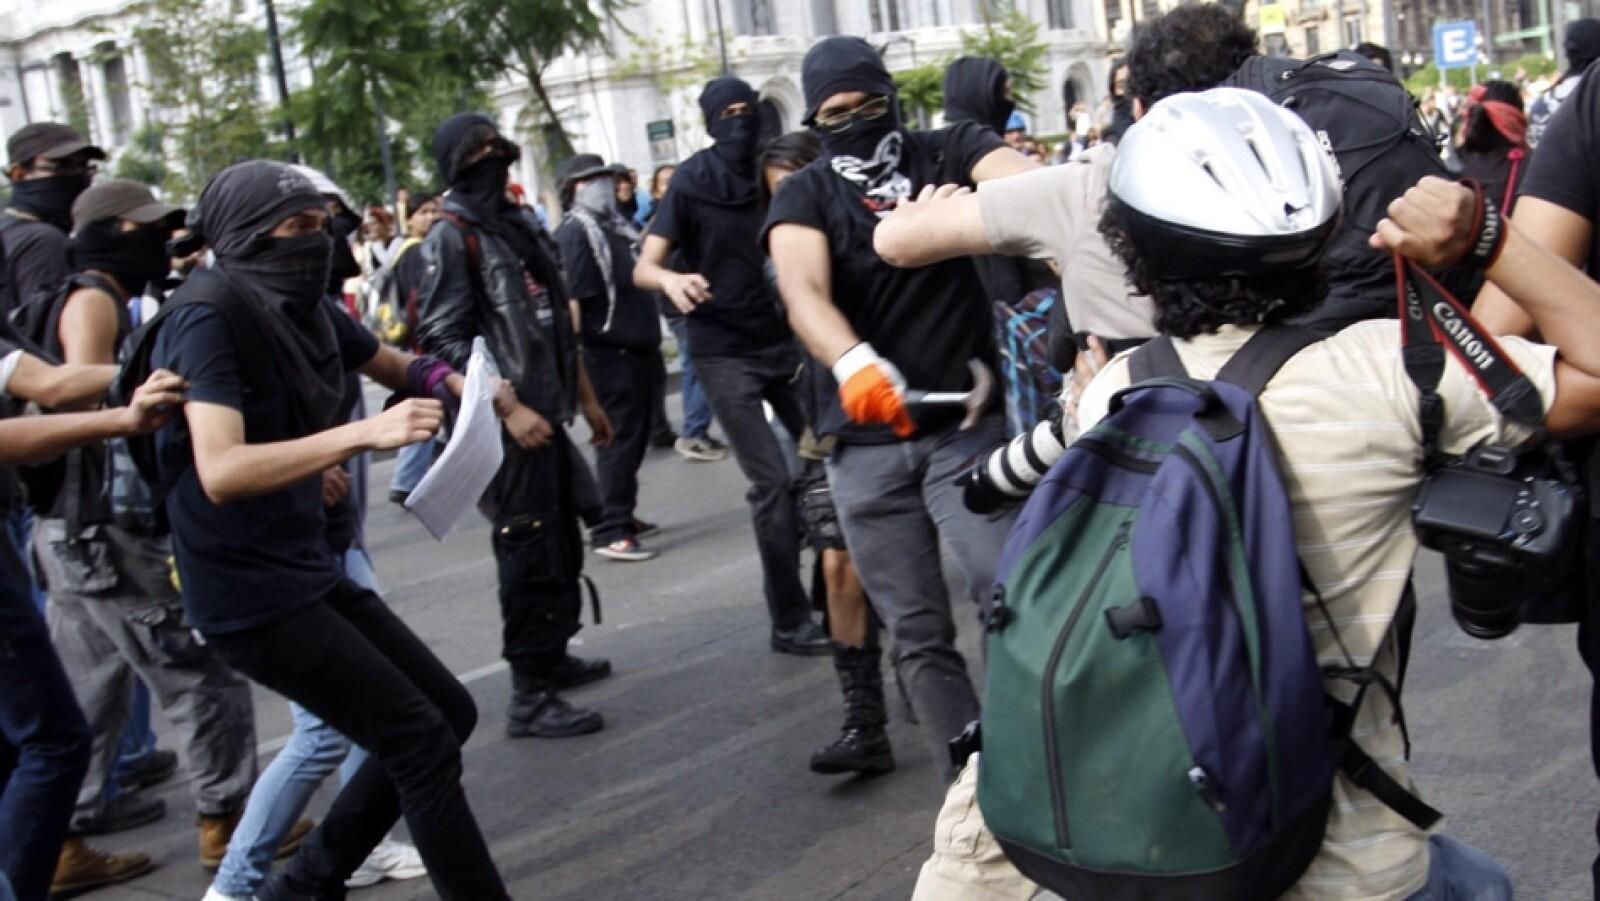 Con sus cámaras y equipo de trabajo, los reporteros se defendieron de las agresiones